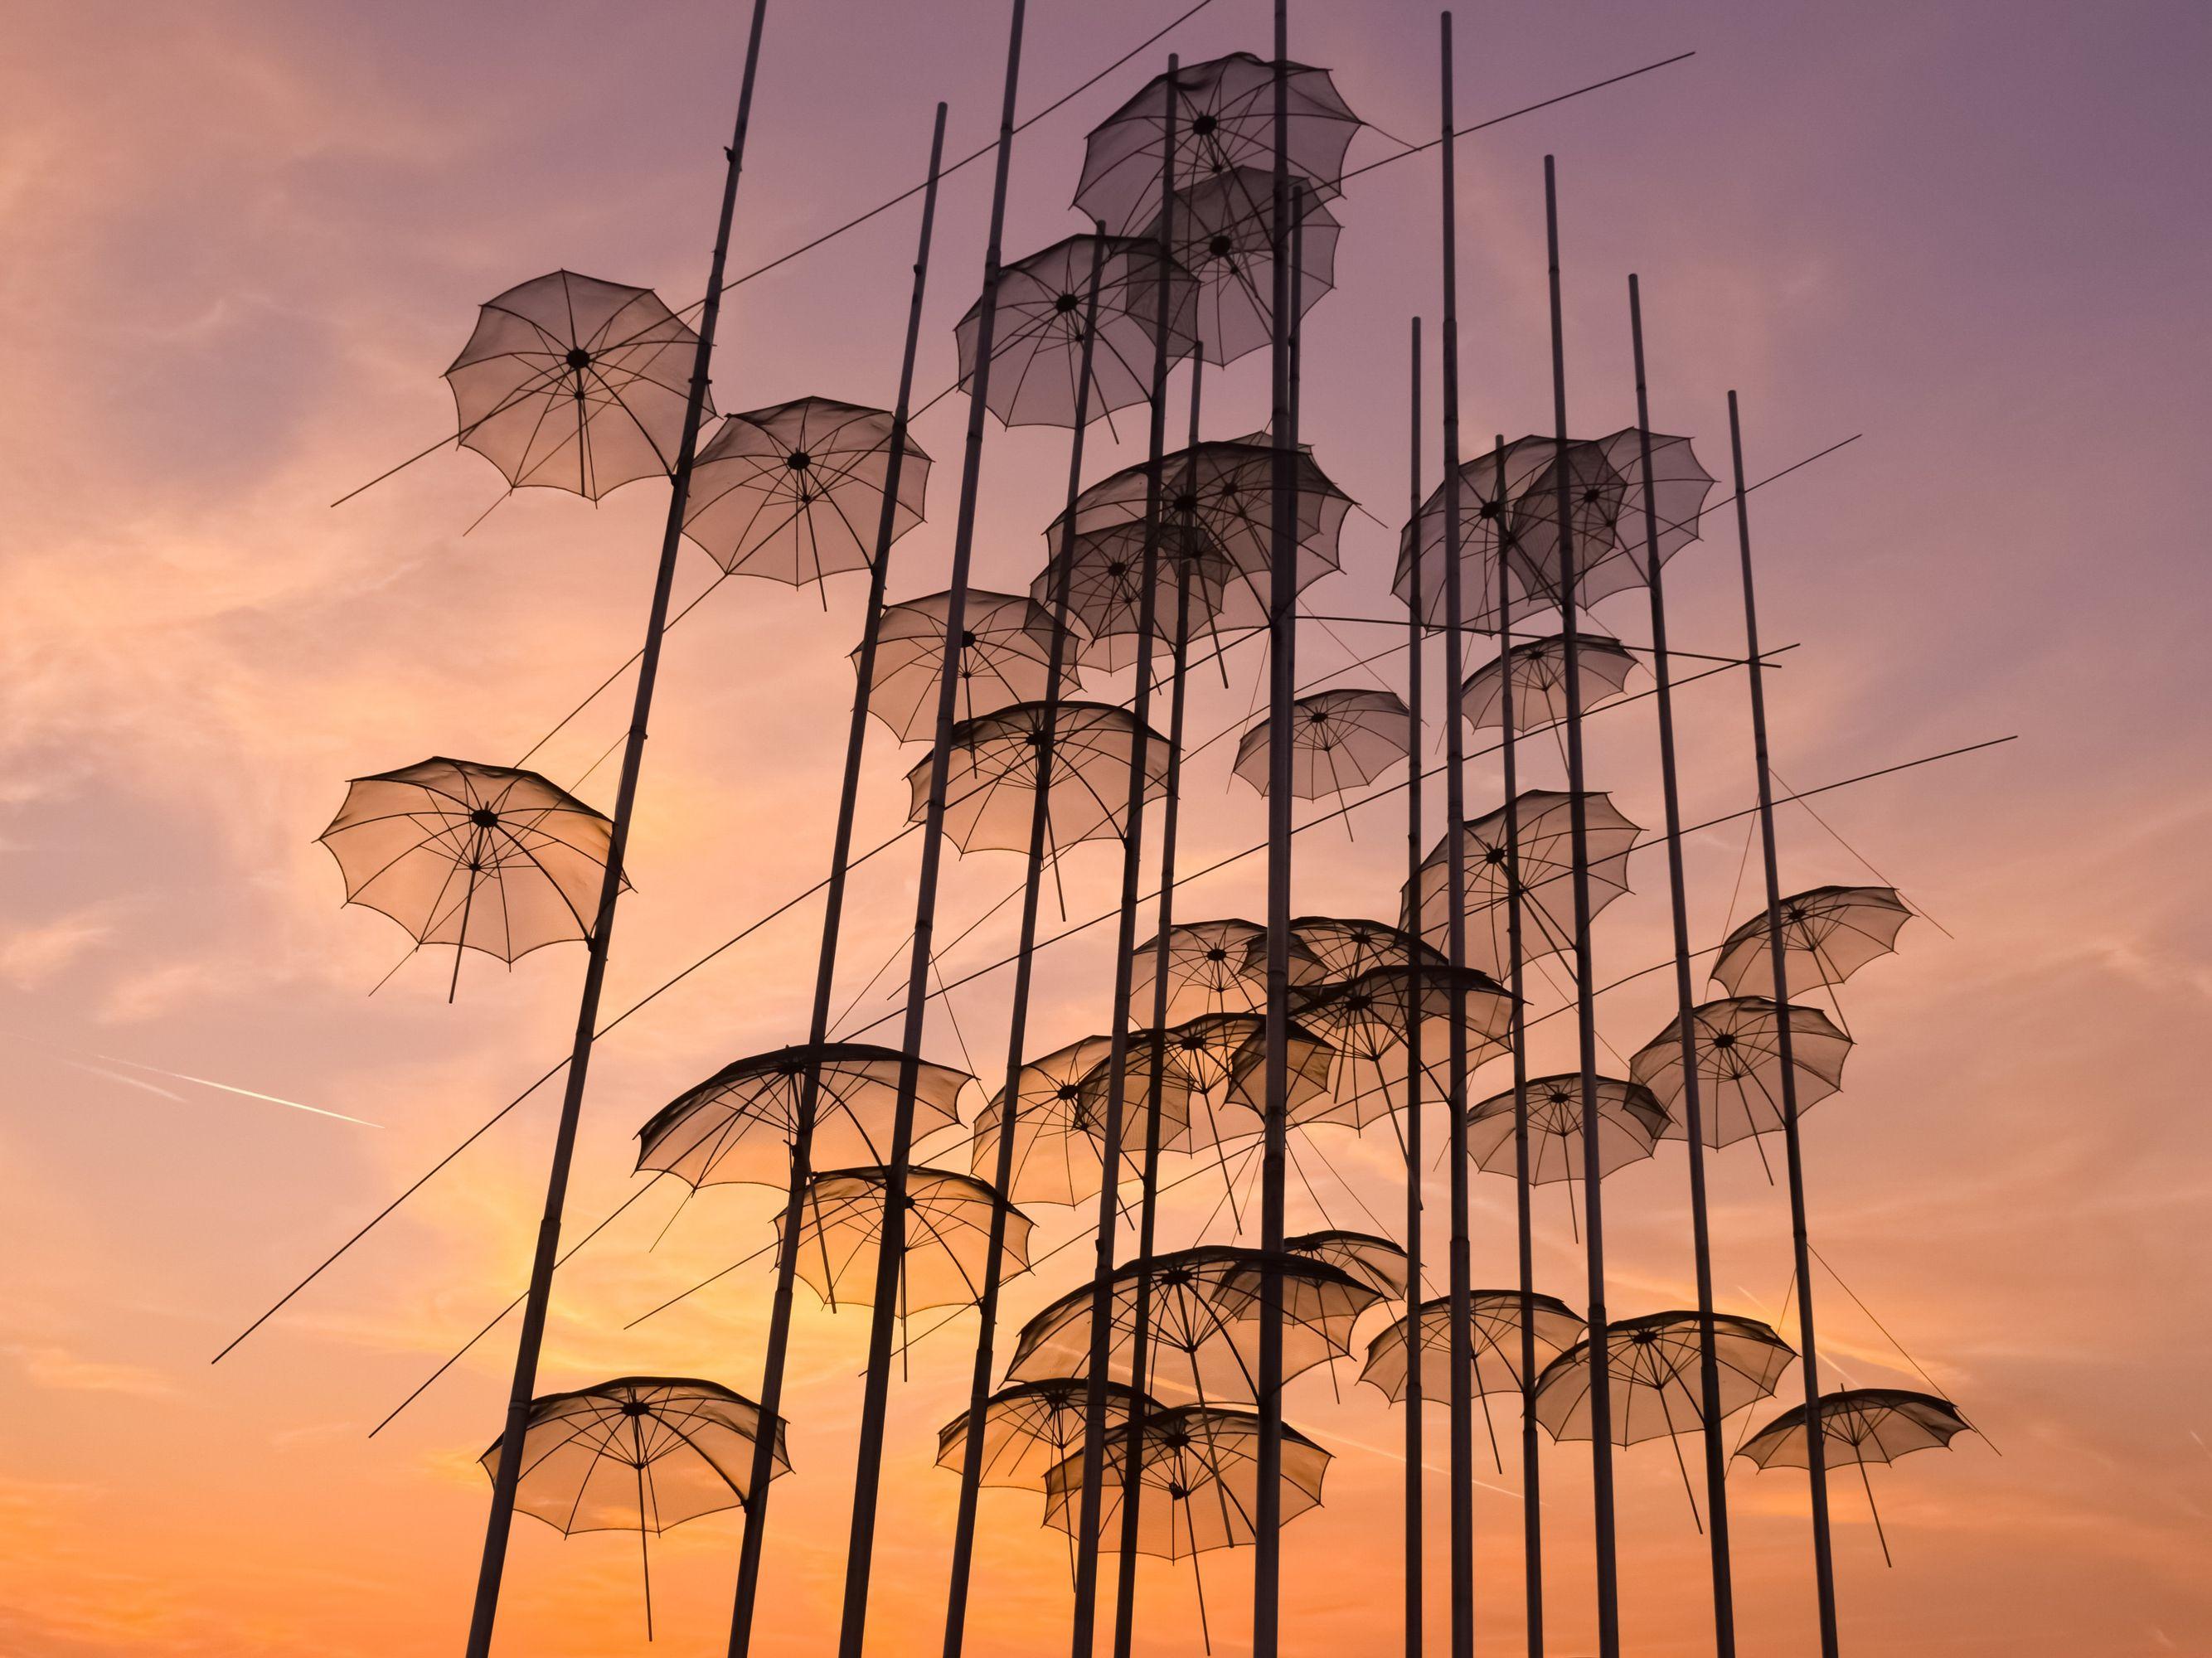 Οι χαρακτηριστικές Ομπρέλες της Νέας Παραλίας της Θεσσαλονίκης